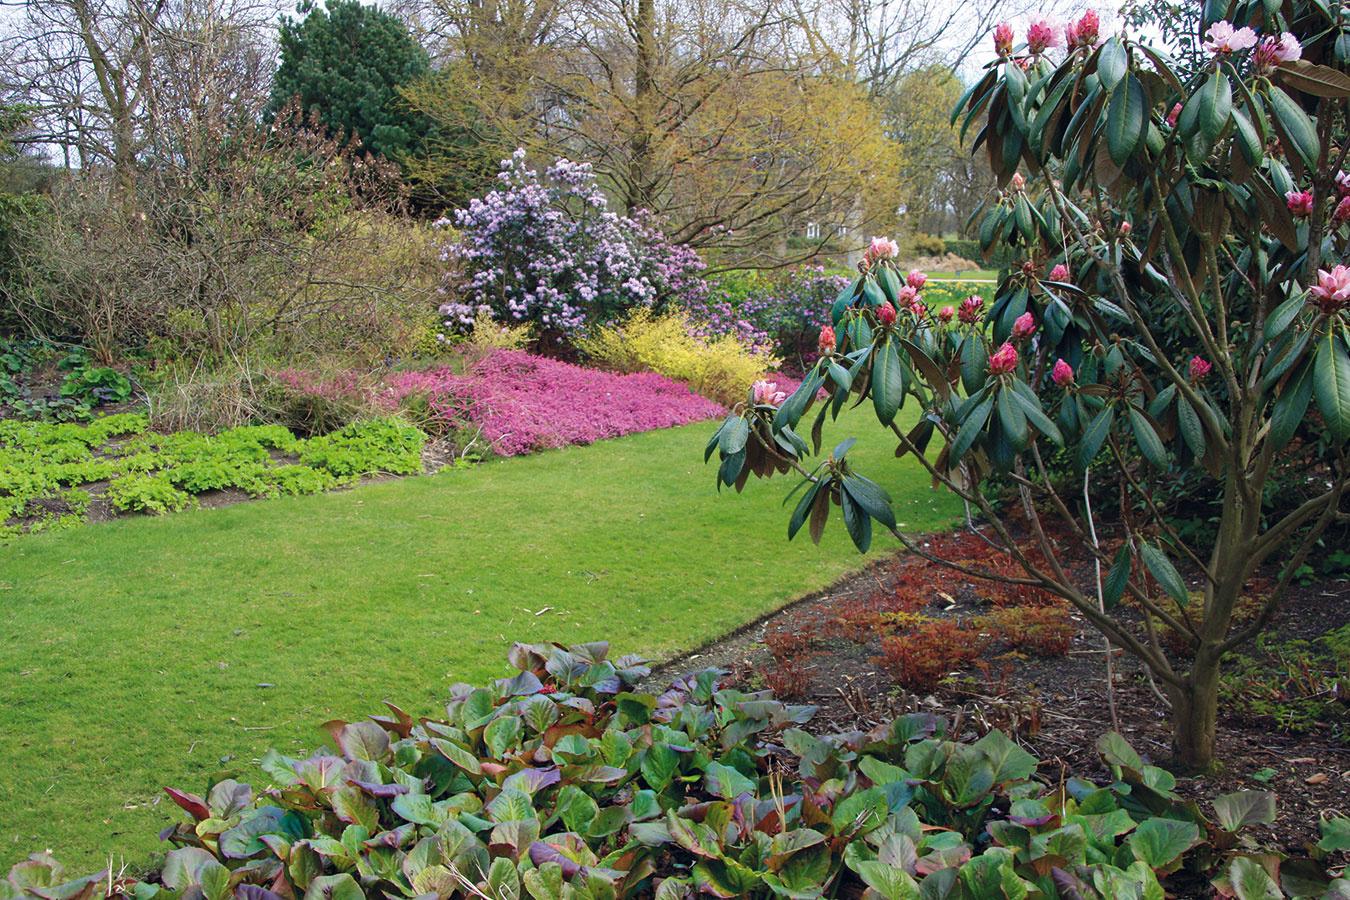 Apríl je ideálny na zakladanie trávnika. Dôležitý je aj jeho tvar, ktorý nie je dobré podceniť najmä vmestskej záhrade. Trávnik vtvare štvorca vynikne vmenších záhradách, átriách apri domoch splochou strechou. Zaujímavé je skombinovať dva či tri štvorce (aj rôznych veľkostí). Vzáhradách formálneho typu pôsobí pekne obdĺžnikový trávnik, ktorý ale musí mať správne zvolené rozmery. Pri ich voľbe sa riaďte tzv. zlatým rezom apoužite pomer strán 2 : 3. Vtvare obdĺžnika môžete potom vzáhrade vytvoriť aj záhon, prípadne dva, dekoratívnu štrkovú plochu či vodnú nádrž. Momentálne trendový je kruhový trávnik, ktorý vynikne aj pri staršom vidieckom dome.